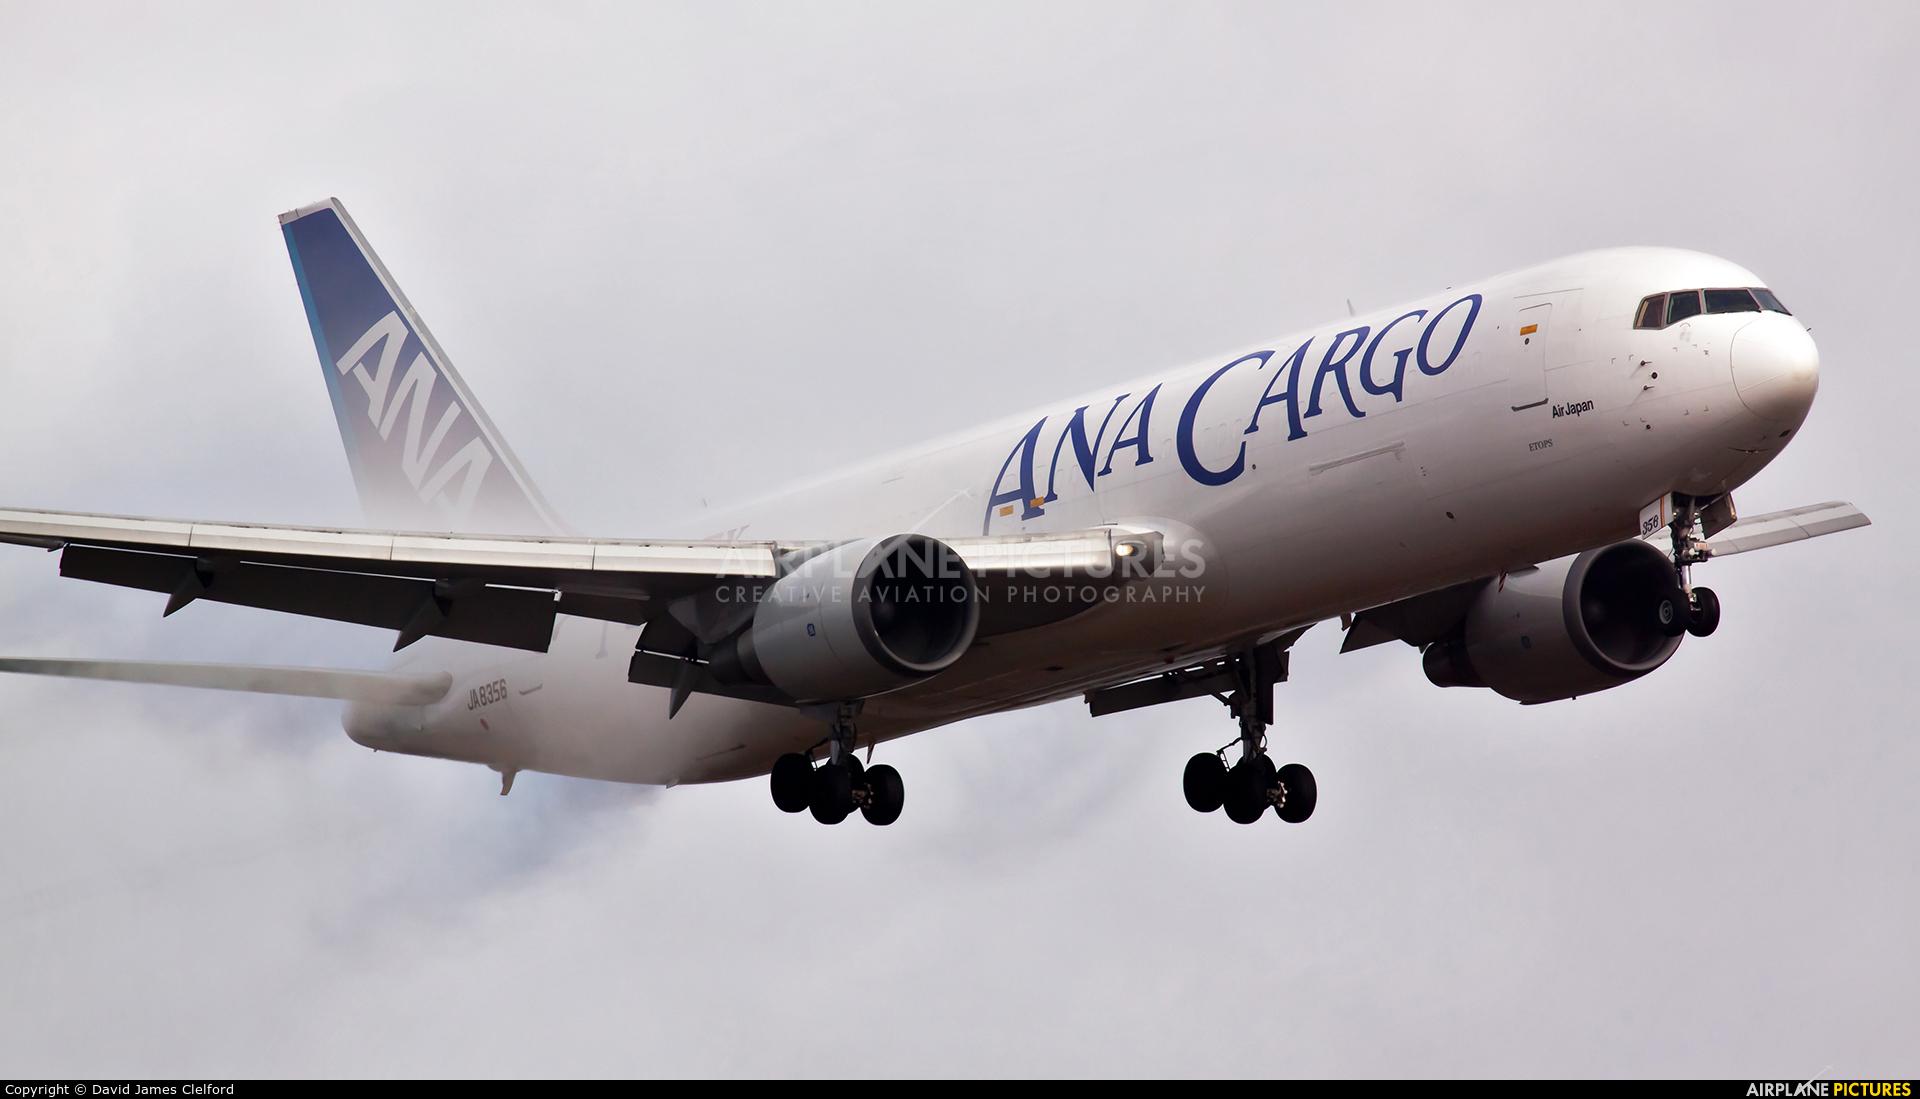 ANA Cargo JA8356 aircraft at Tokyo - Narita Intl